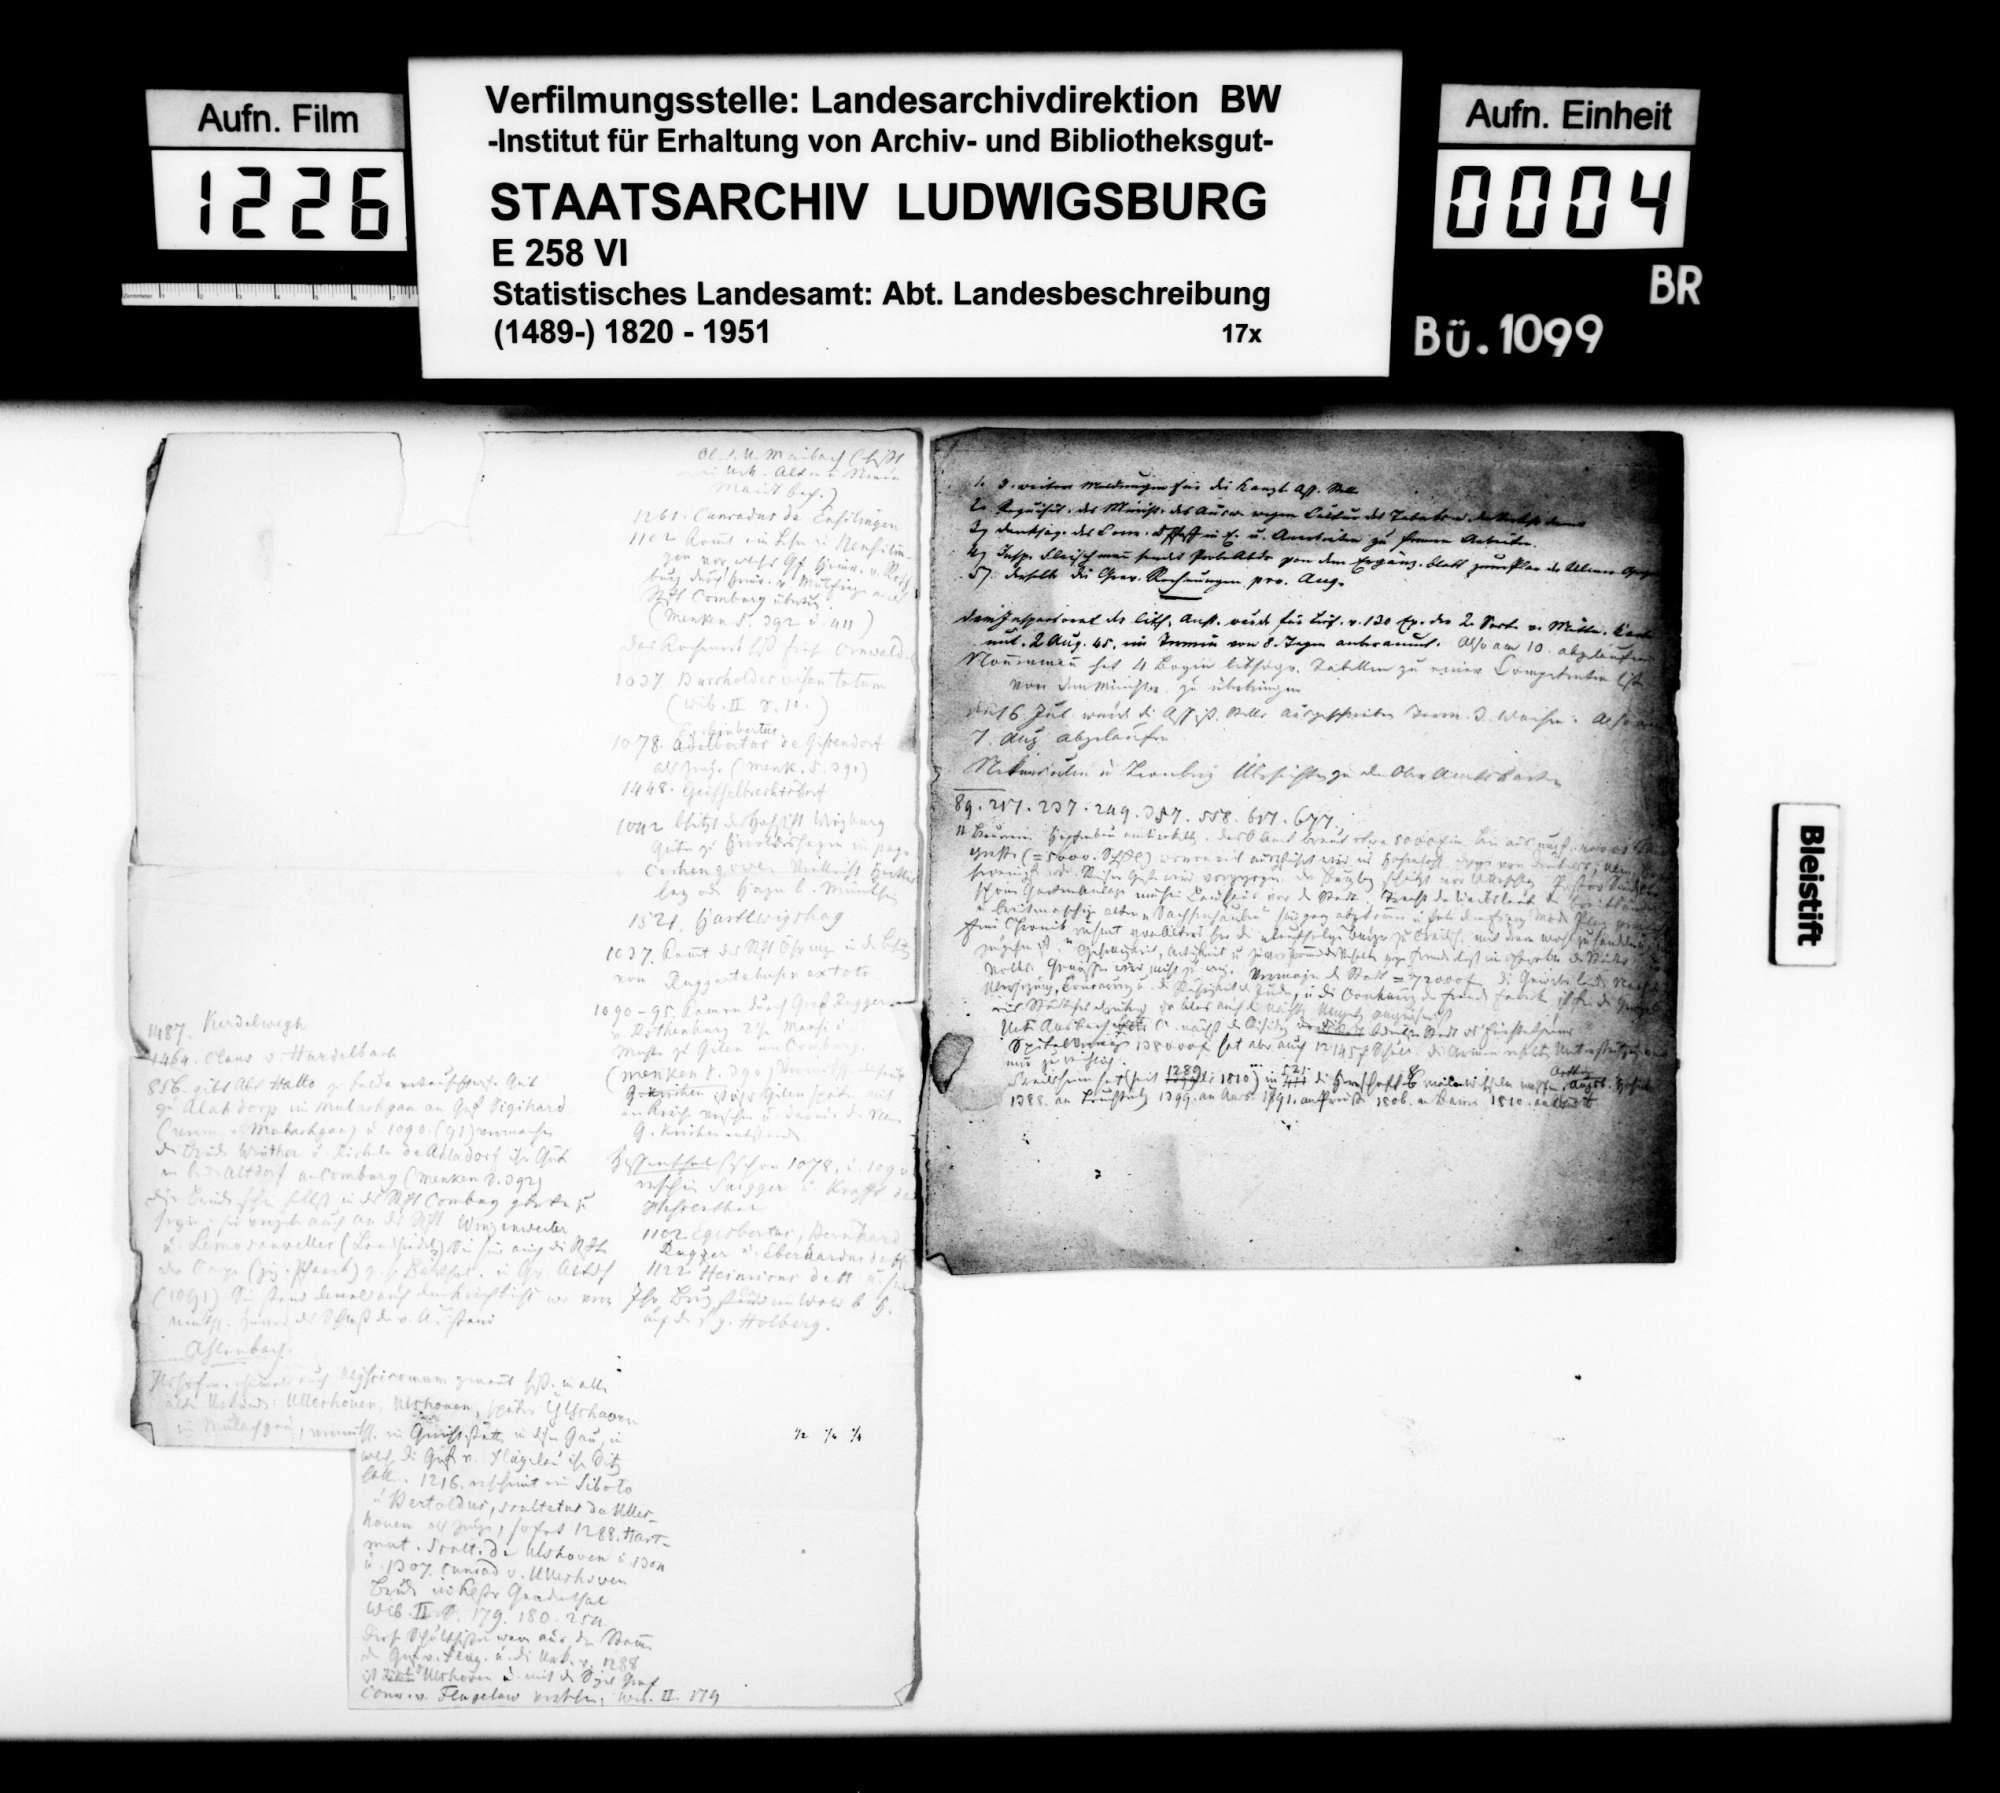 Notizen und Satzvorlagen [des Trigonometers Diezel in der Kanzlei des STBs] zur Ortsbeschreibung von Crailsheim und den anderen 25 Oberamtsgemeinden, Bild 3